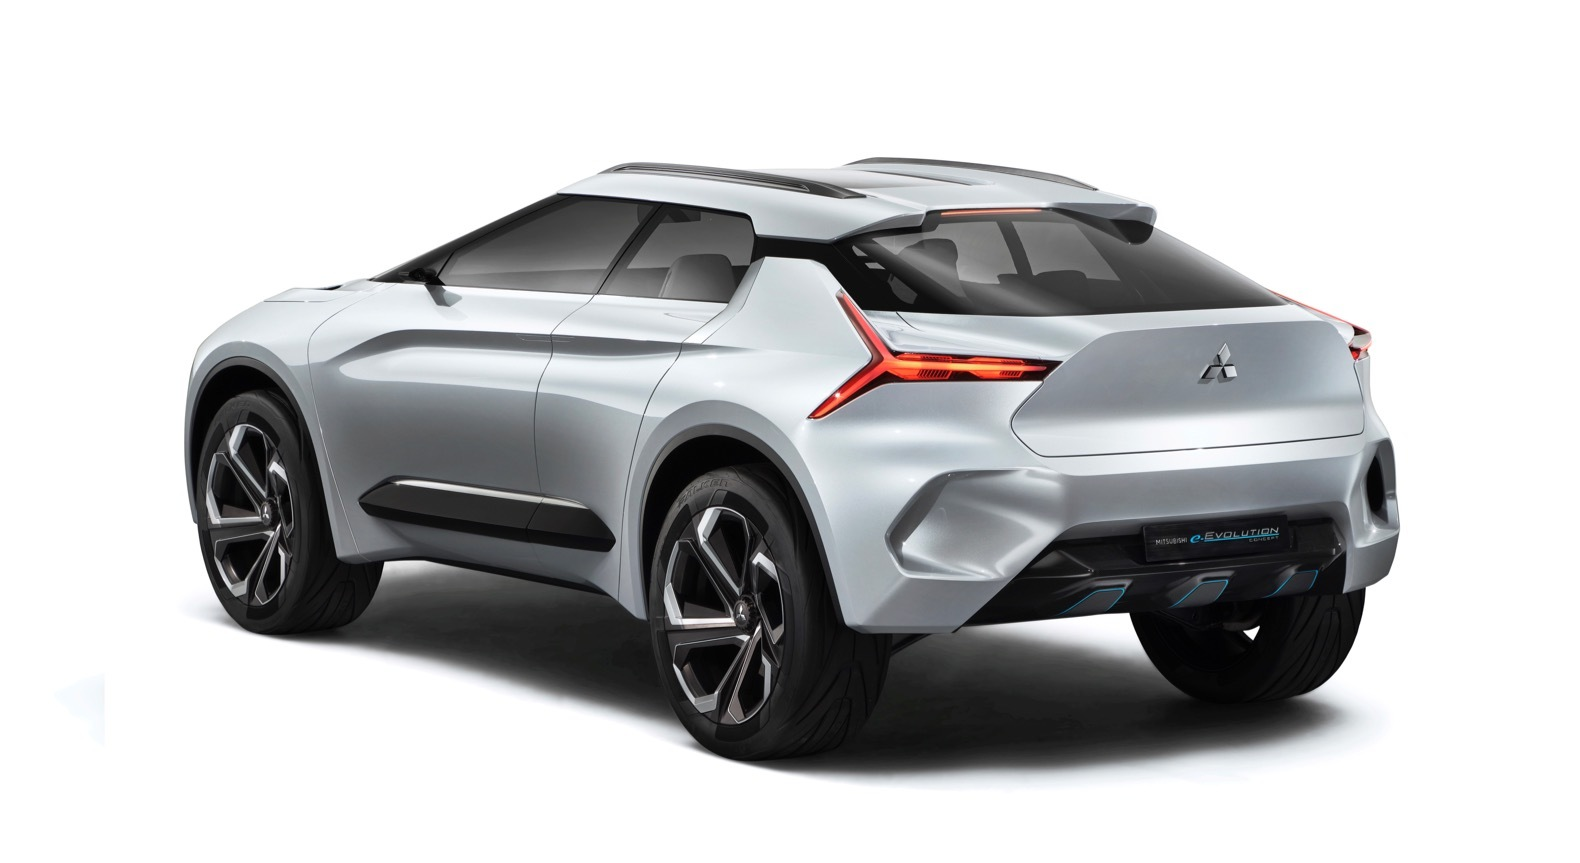 Mitsubishi-e-Evolution-Concept-0007_201710252328330f3.jpg